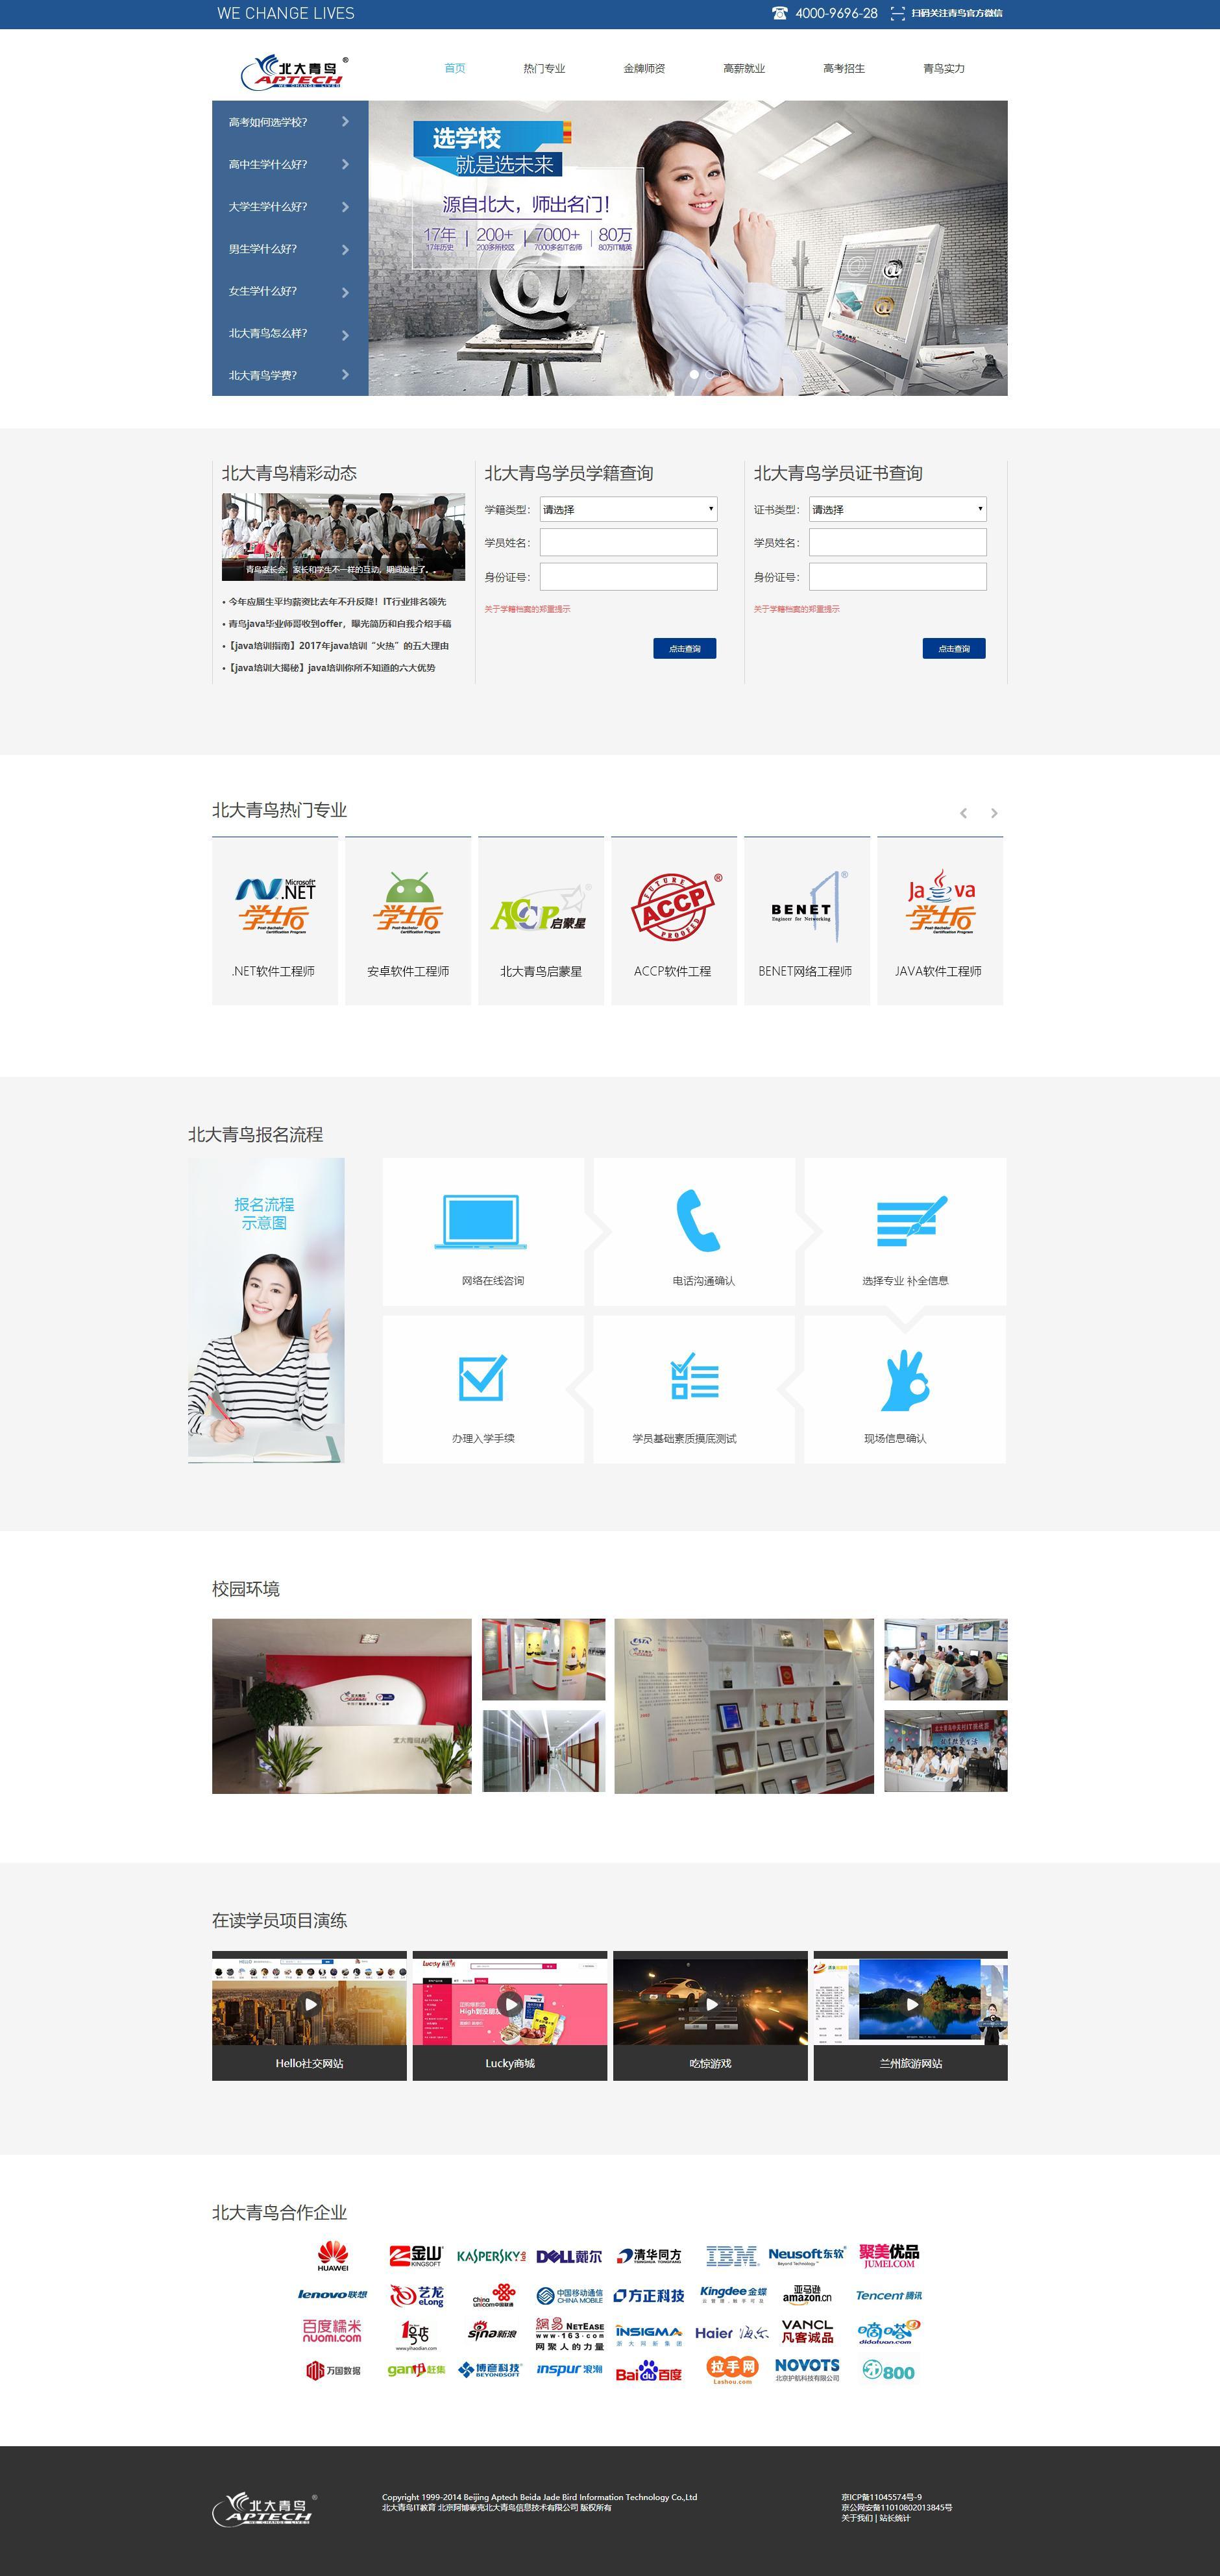 北大青鸟总部招生官网HTML全站模板